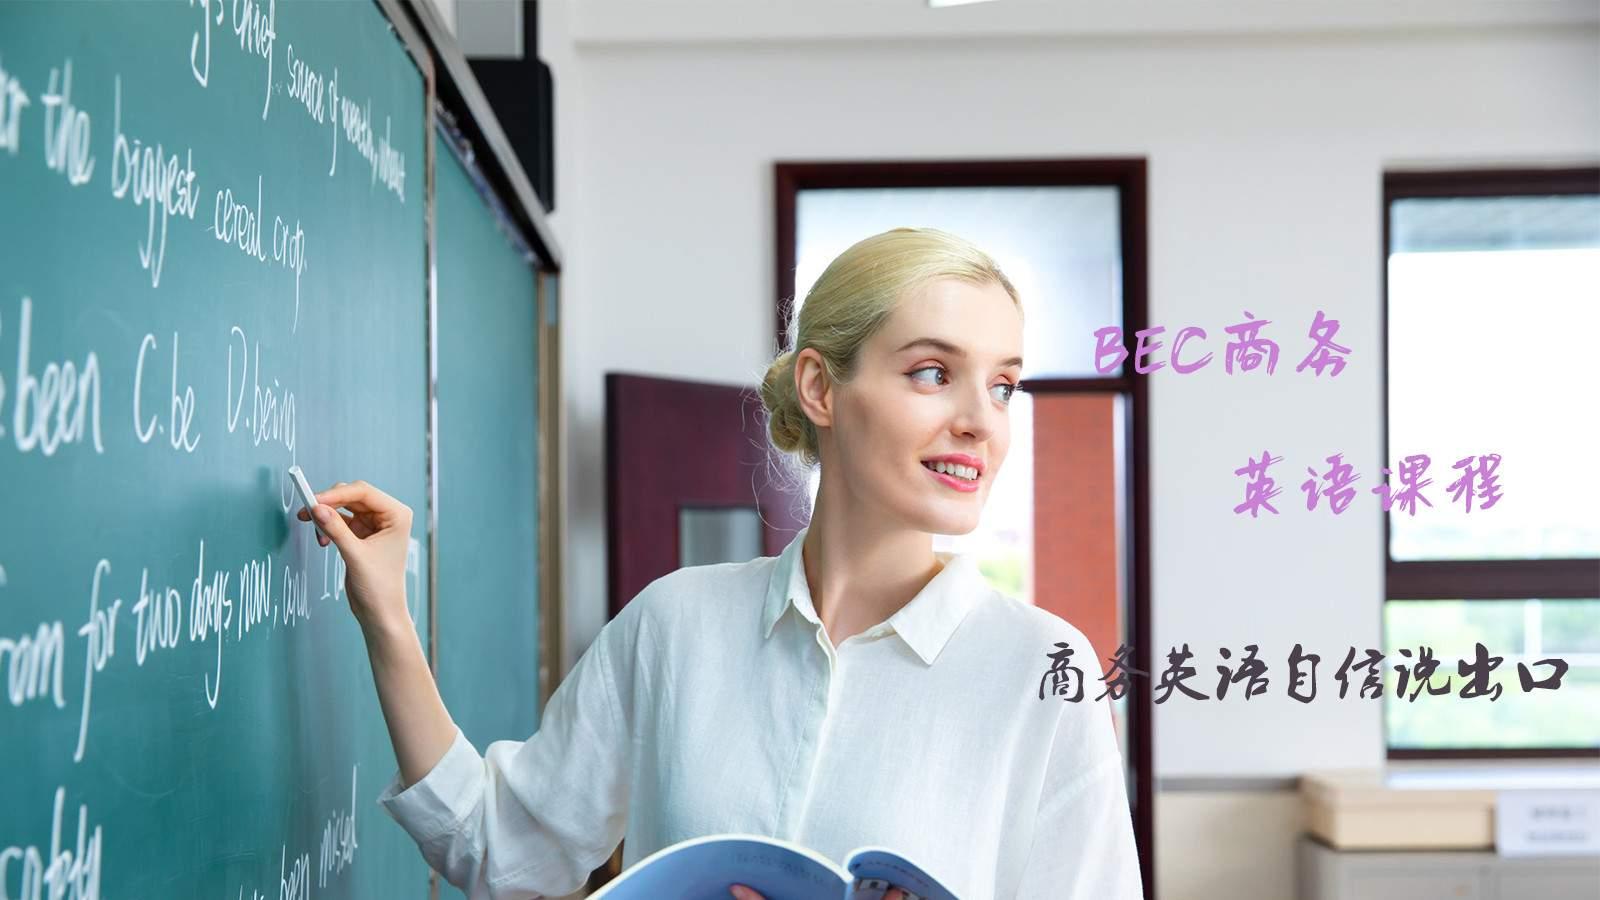 商务英语培训专题